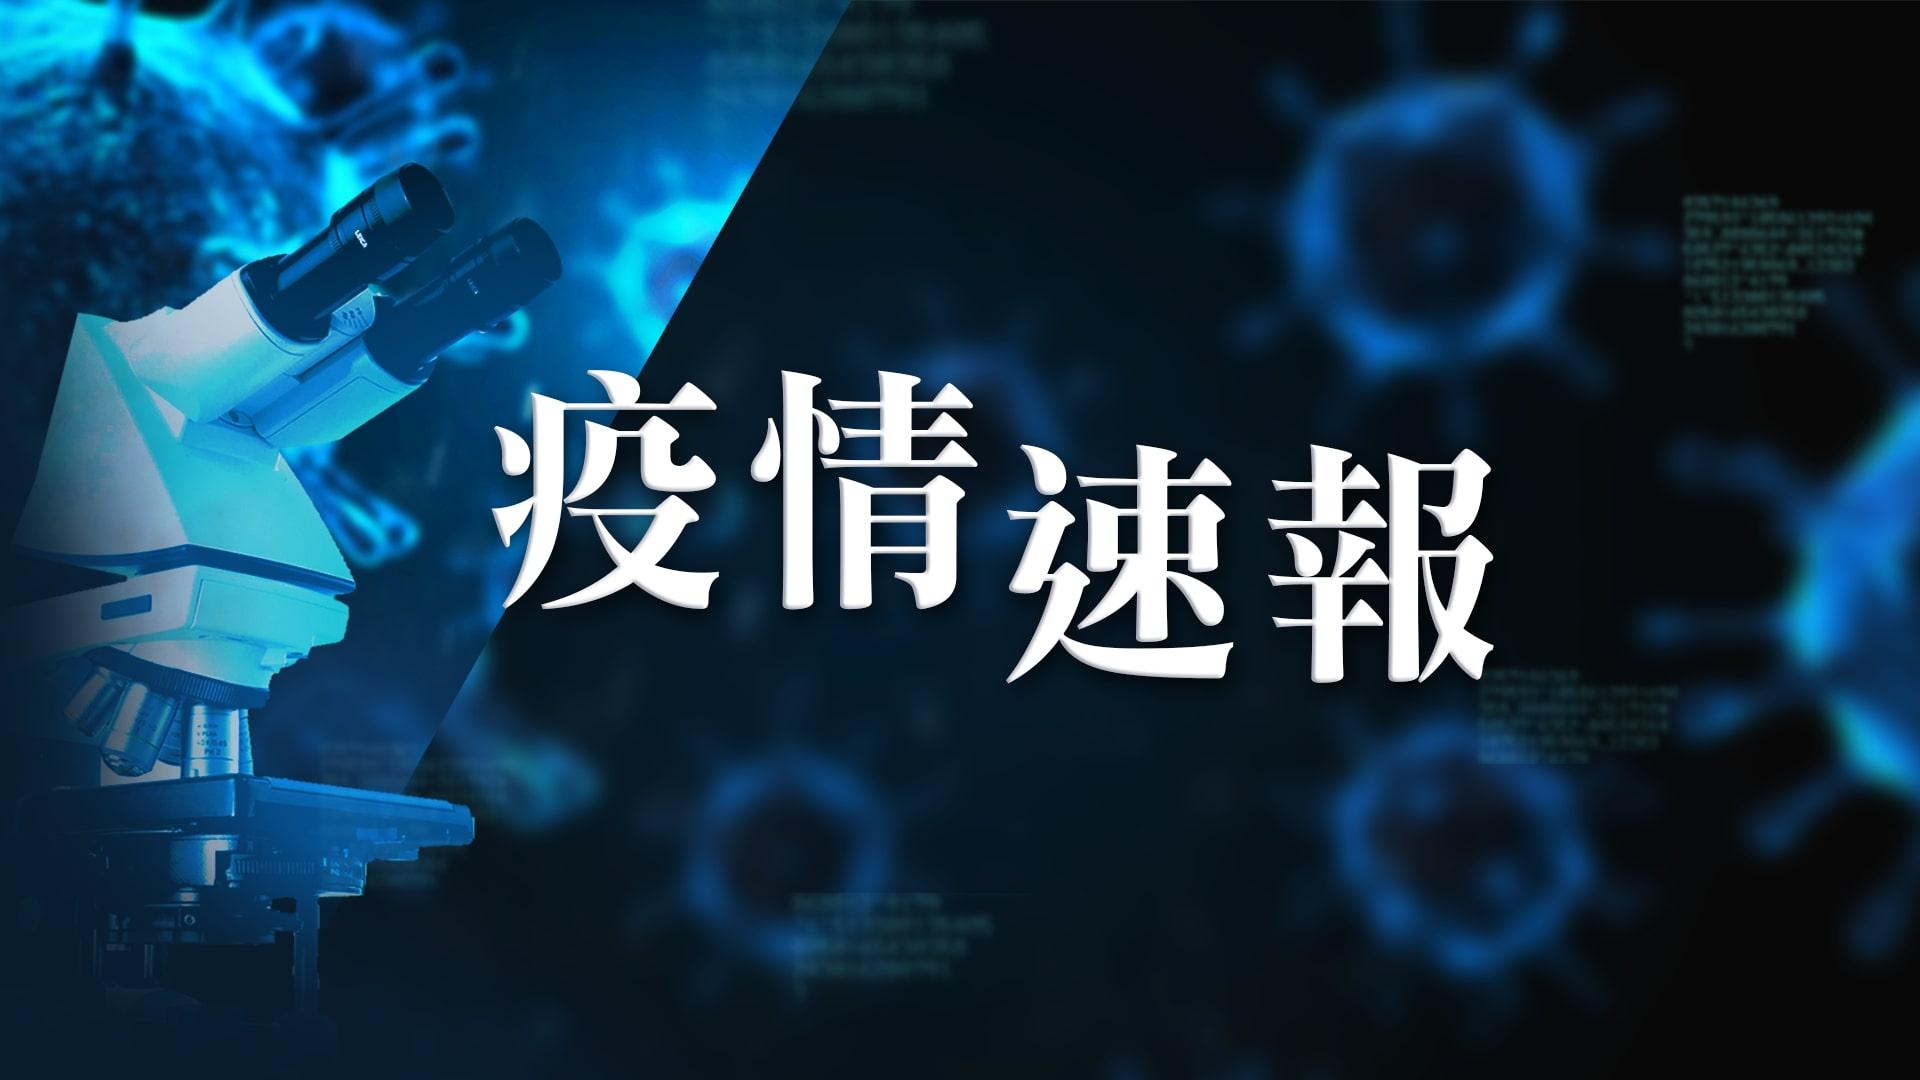 【2月23日疫情速報】(23:35)